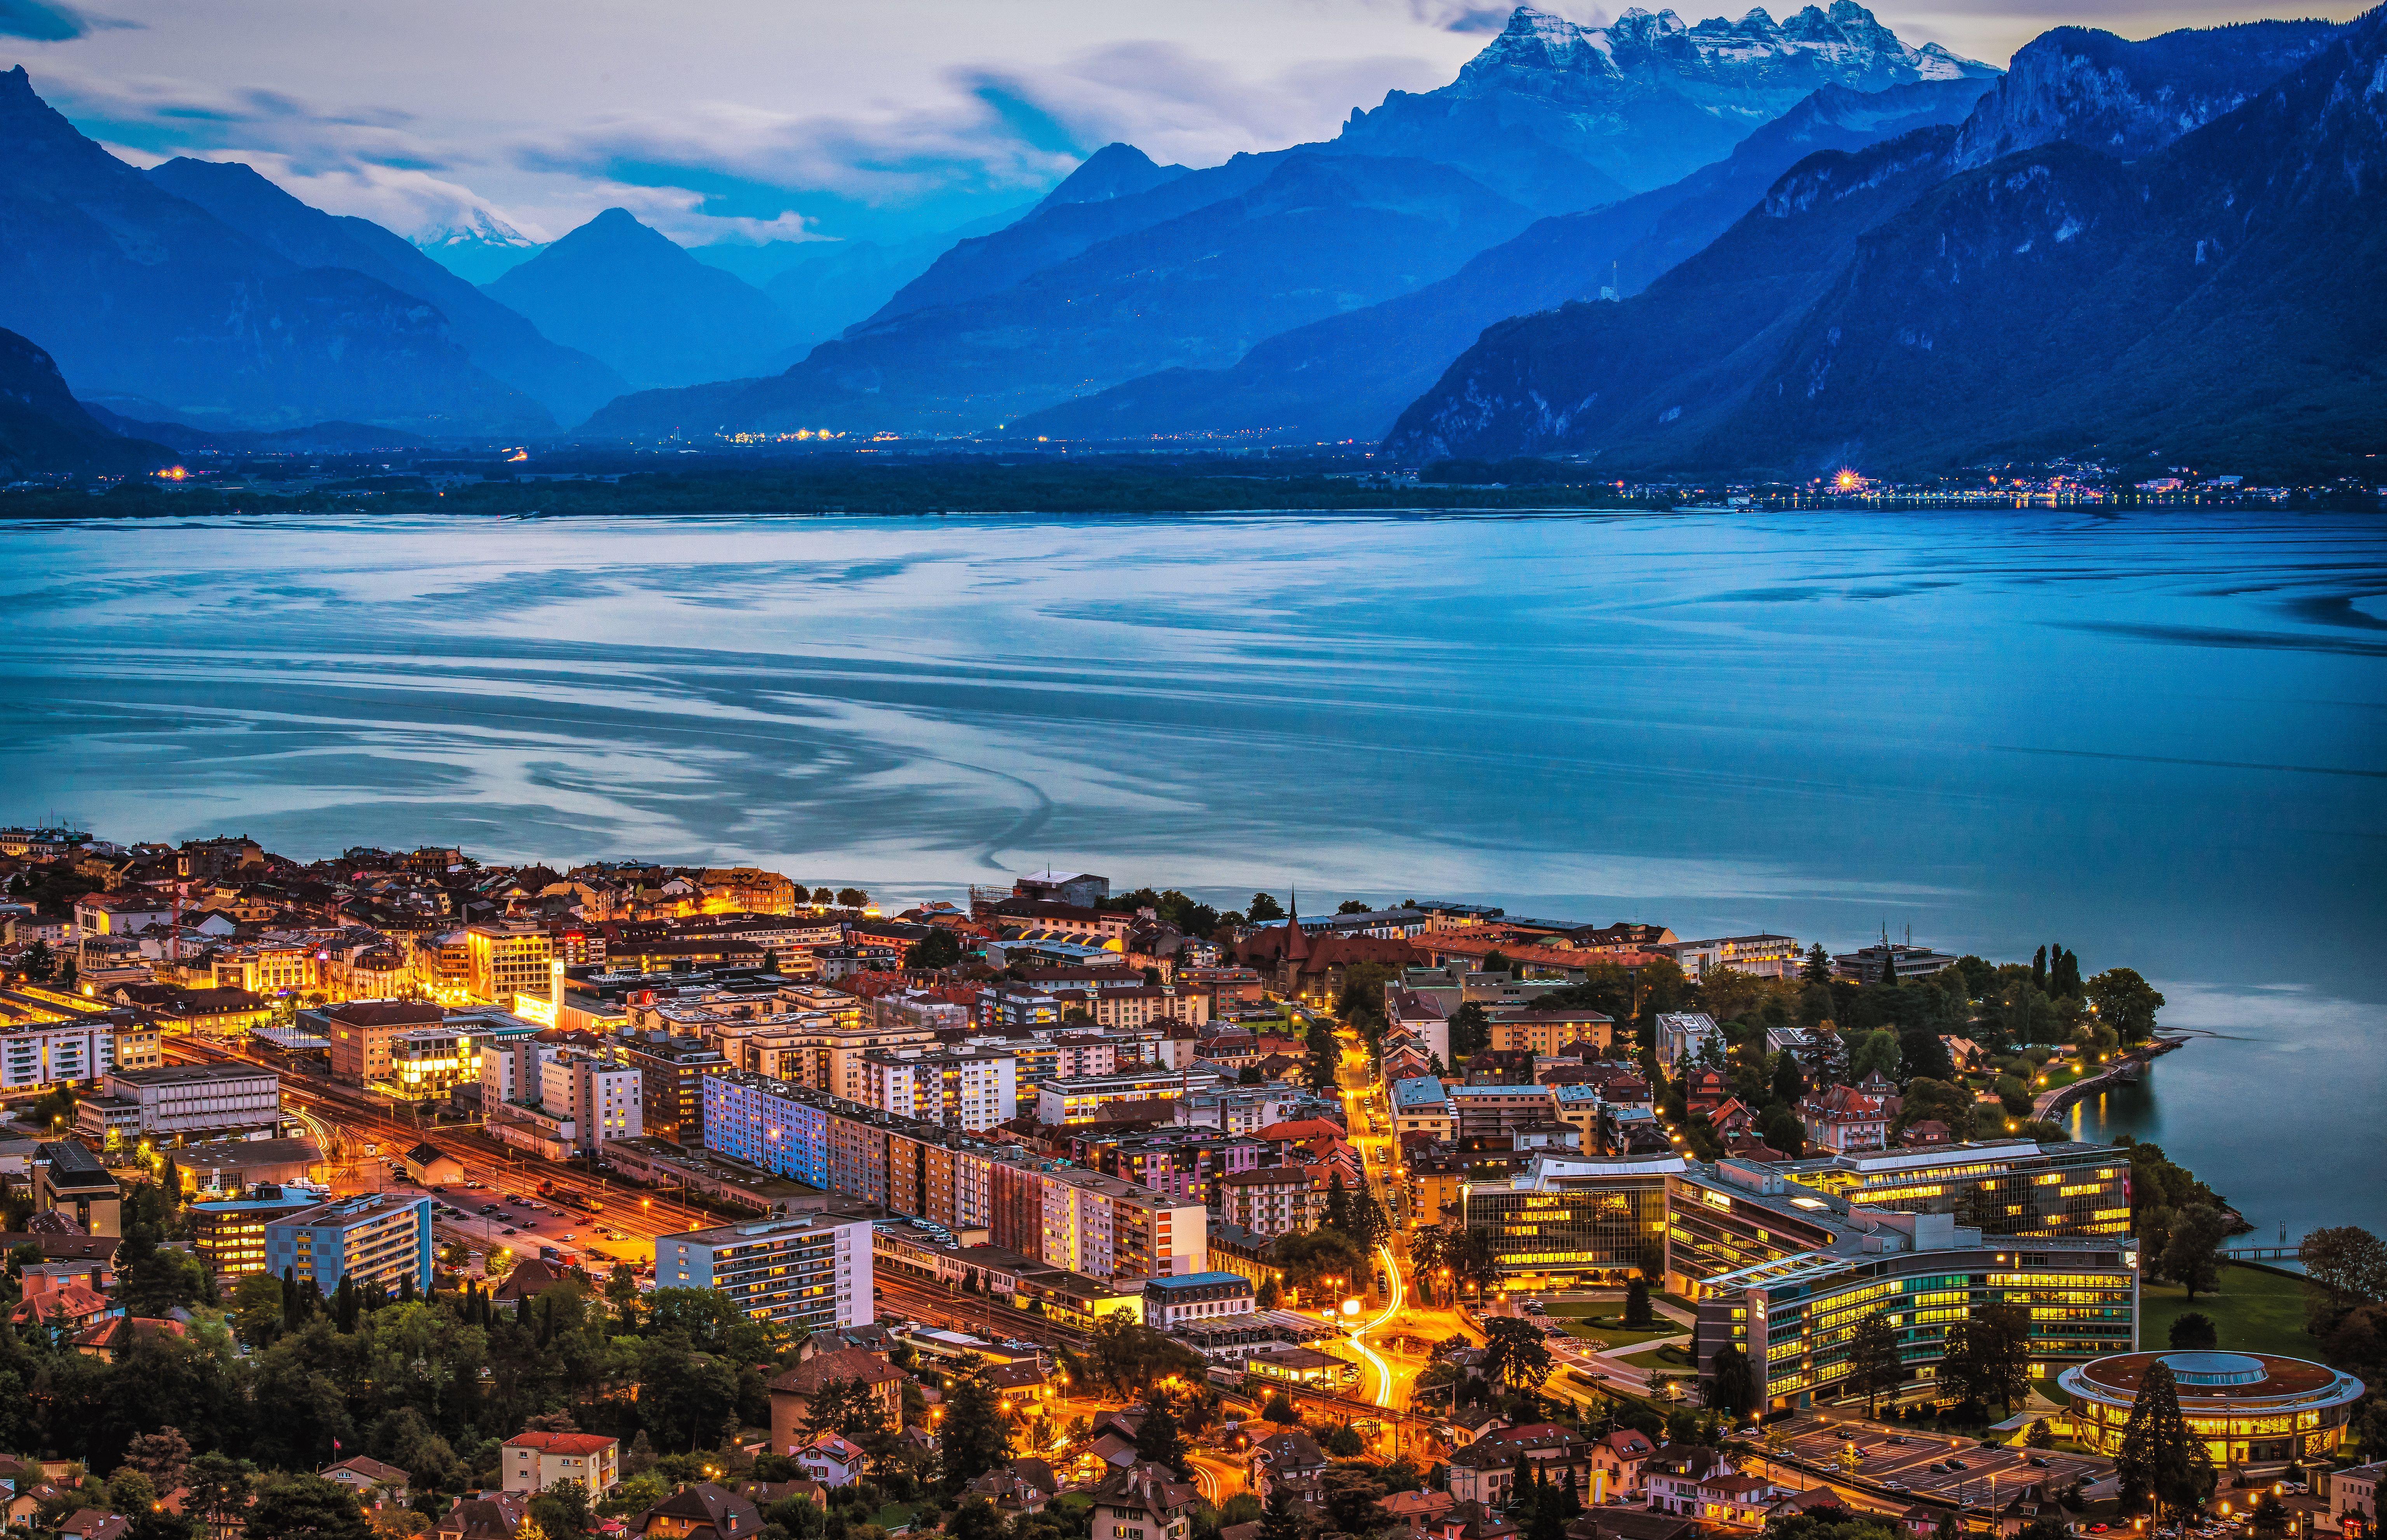 Vevey Switzerland On Lake Geneva Places To Visit Switzerland Cities Places In Switzerland